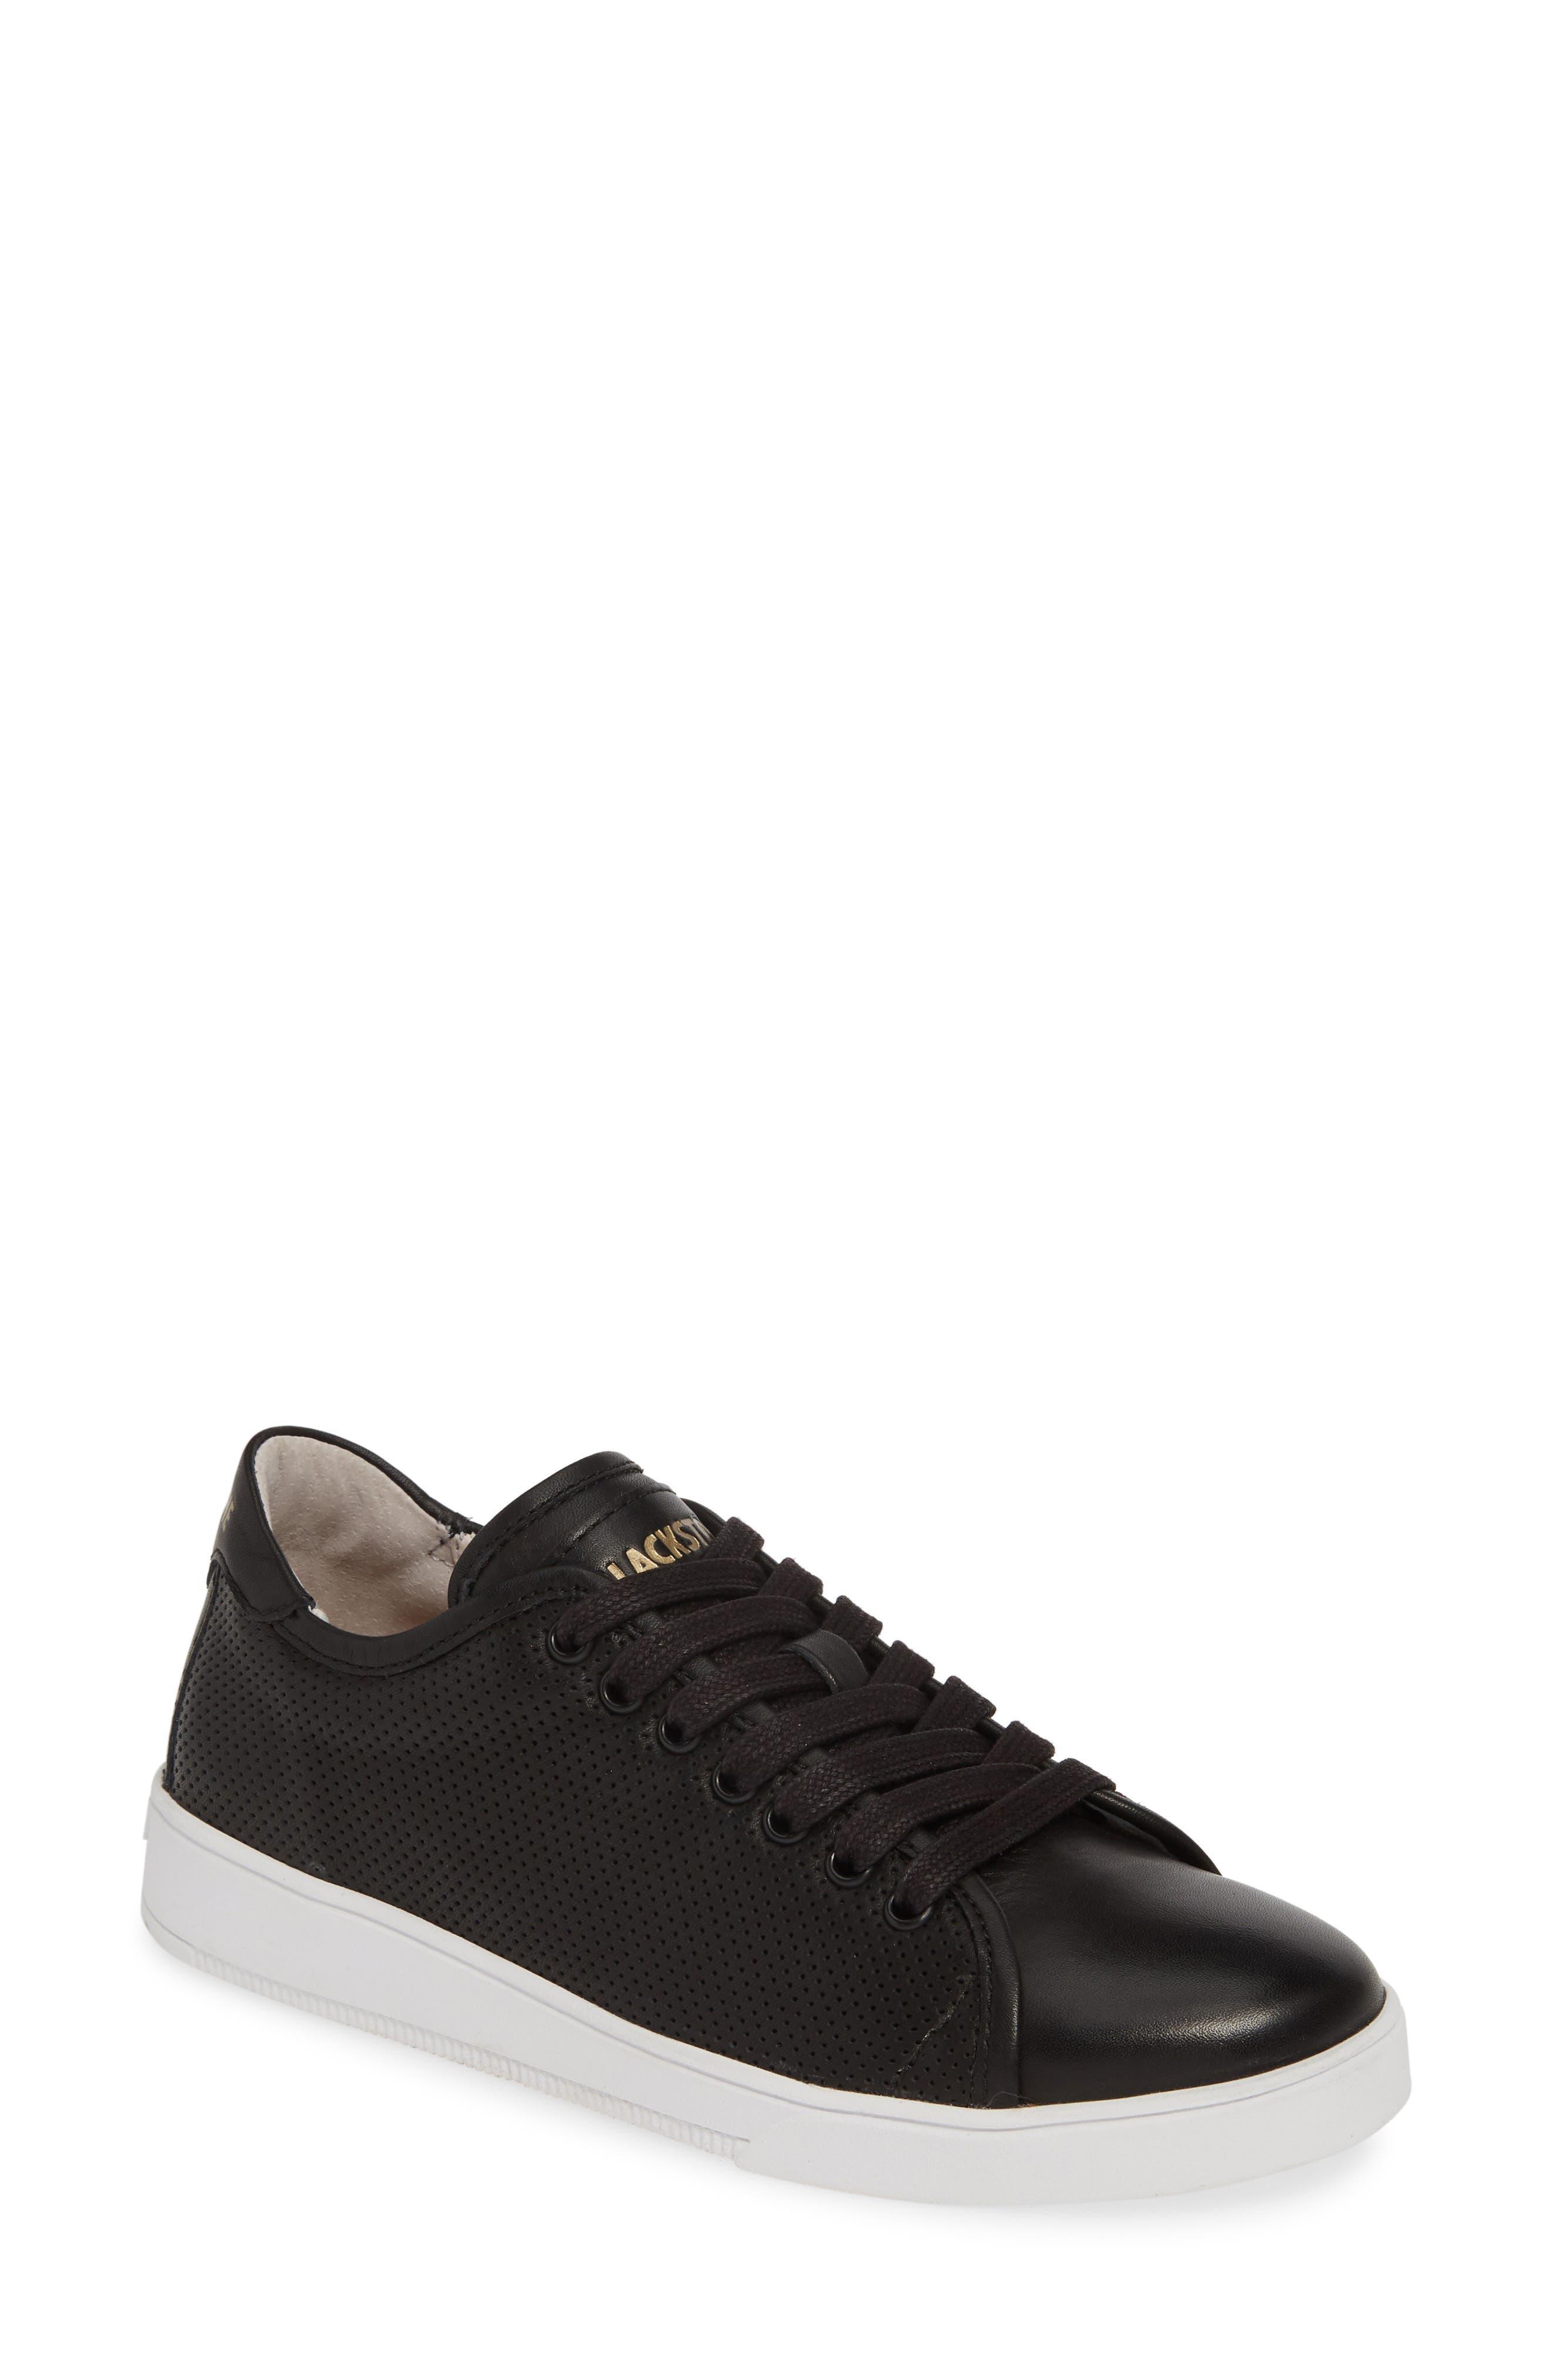 Rl72 Perforated Low Top Sneaker